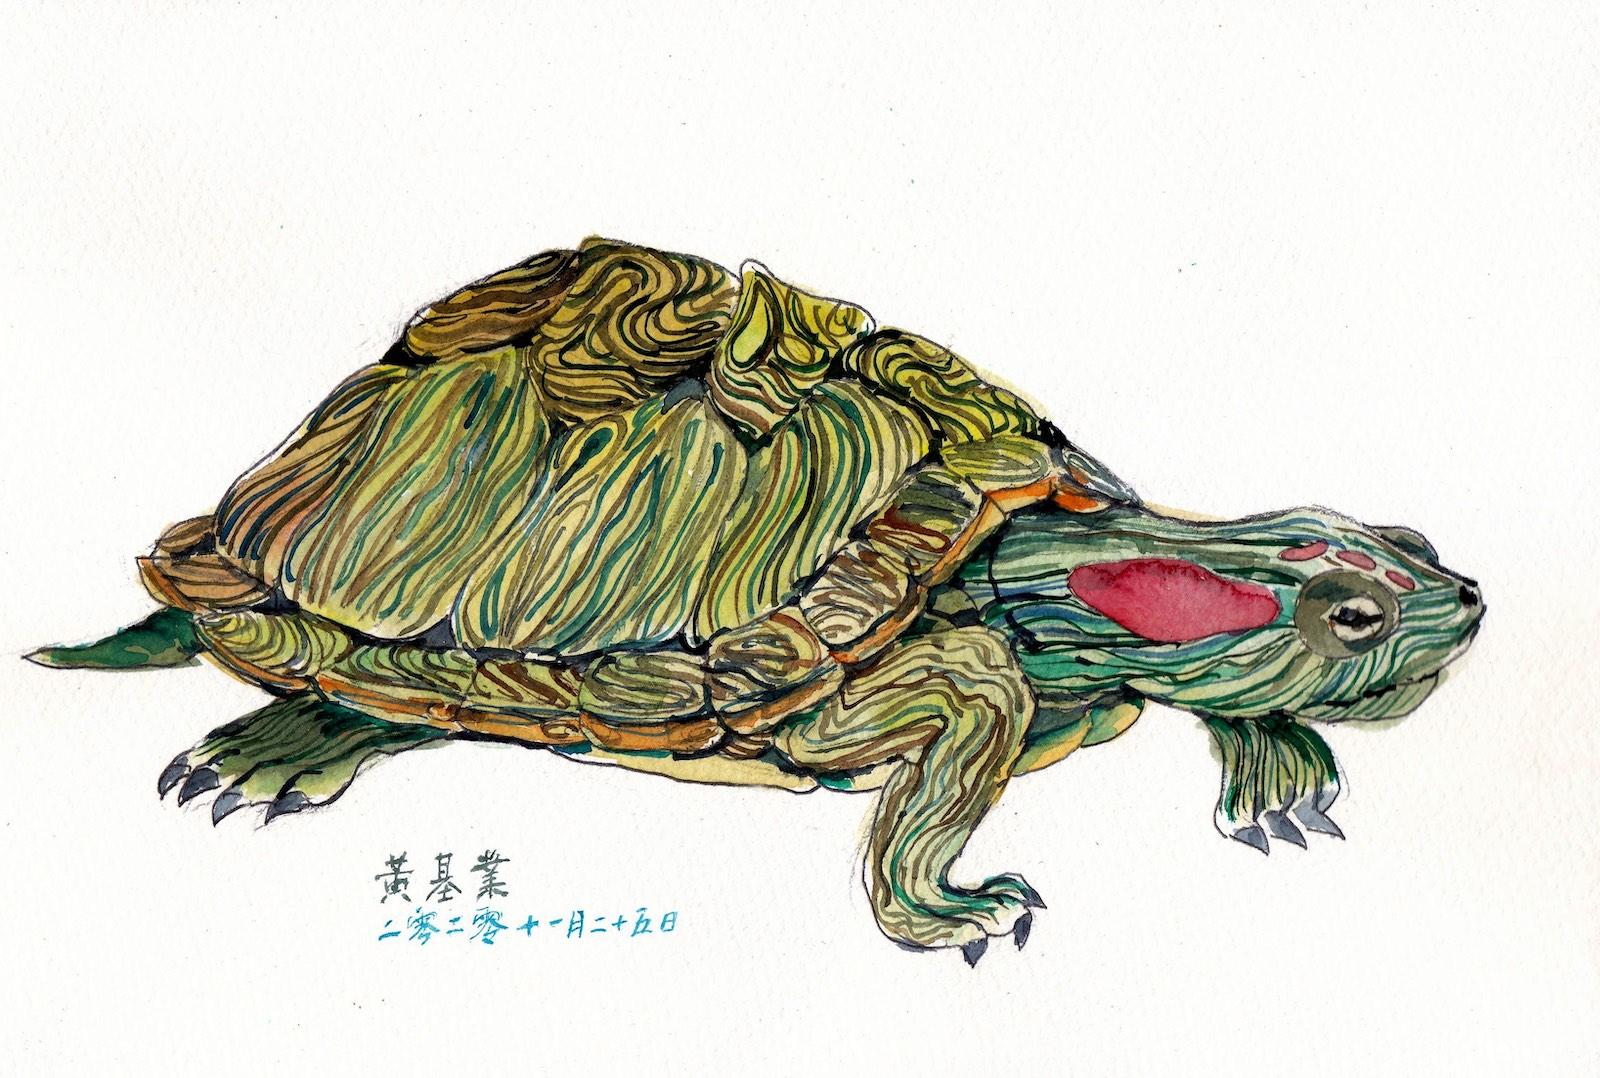 《龜》(課堂示範)水彩 27cm x 18cm 25-11-2020